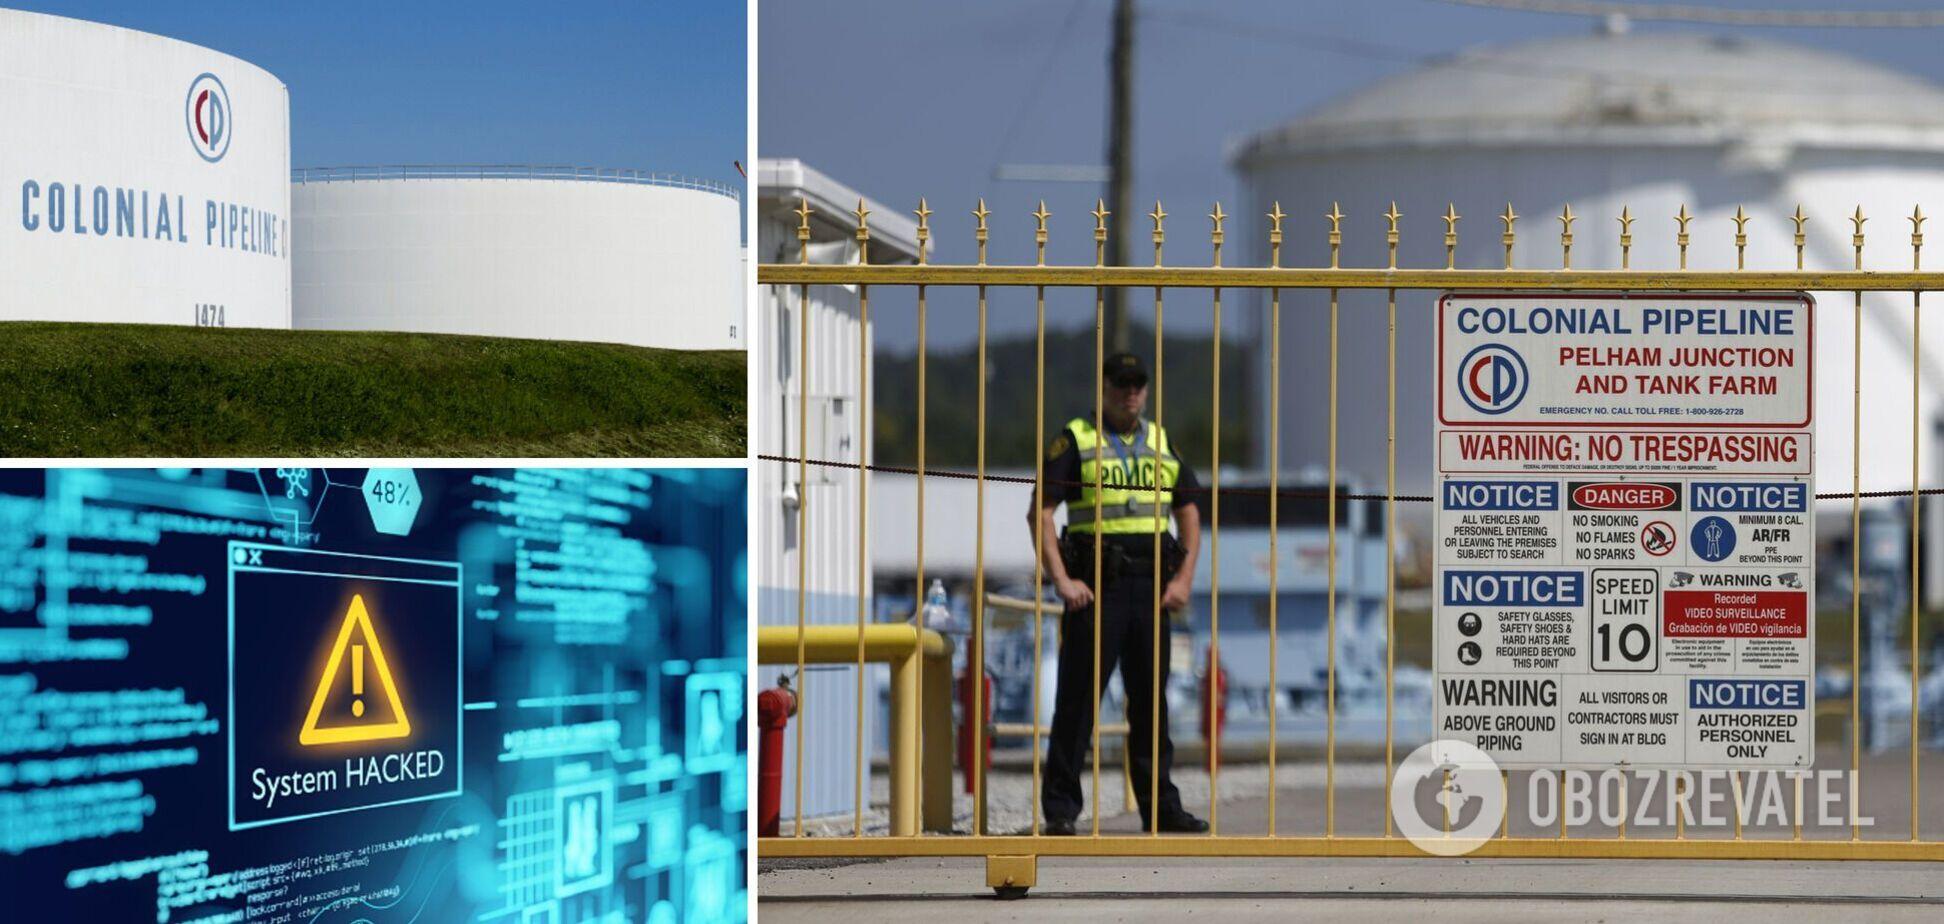 Кібератака на трубопровід у США: до чого тут 'російський слід' і які наслідки